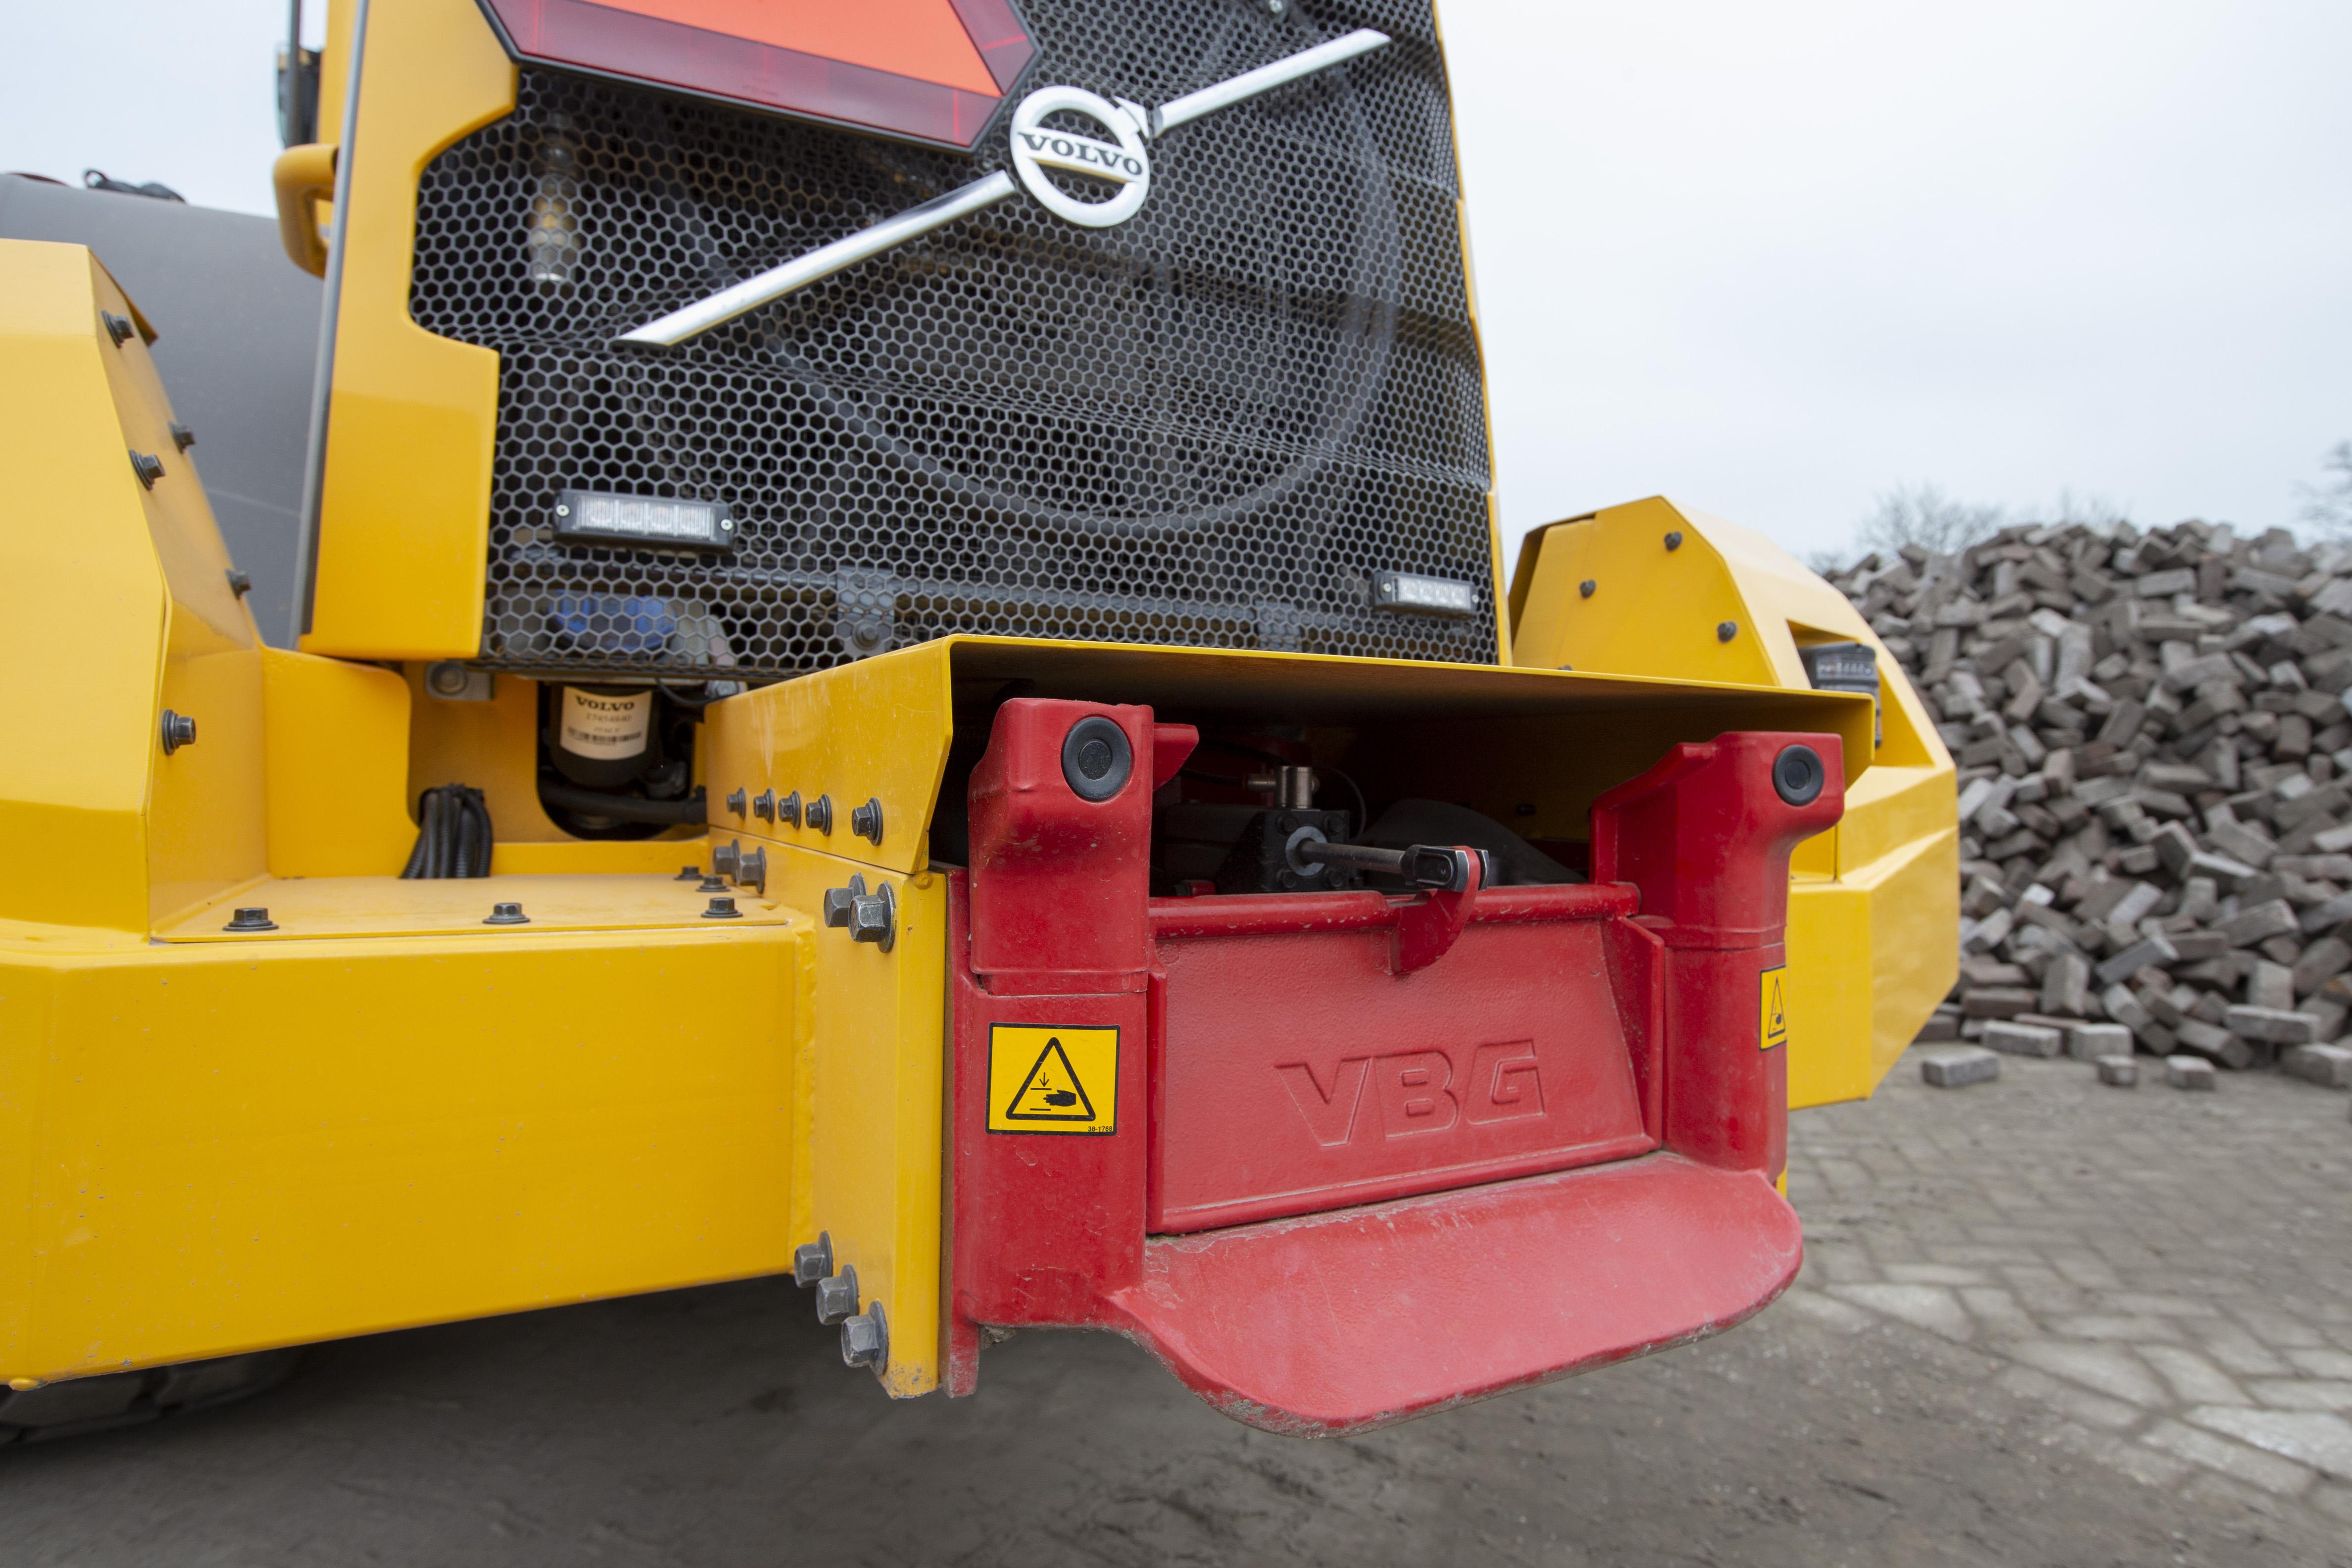 <p>Dankzij de vangmuil op de Volvo L60H hoeft Jens de cabine niet te verlaten om de drie-assige aanhanger aan te koppelen. Een sensor in de bek van de vangmuil detecteert de aanhanger wanneer deze zich binnen een straal van 15 meter bevindt, waarna de klep zich opent en de aanhanger probleemloos aangekoppeld kan worden. </p>